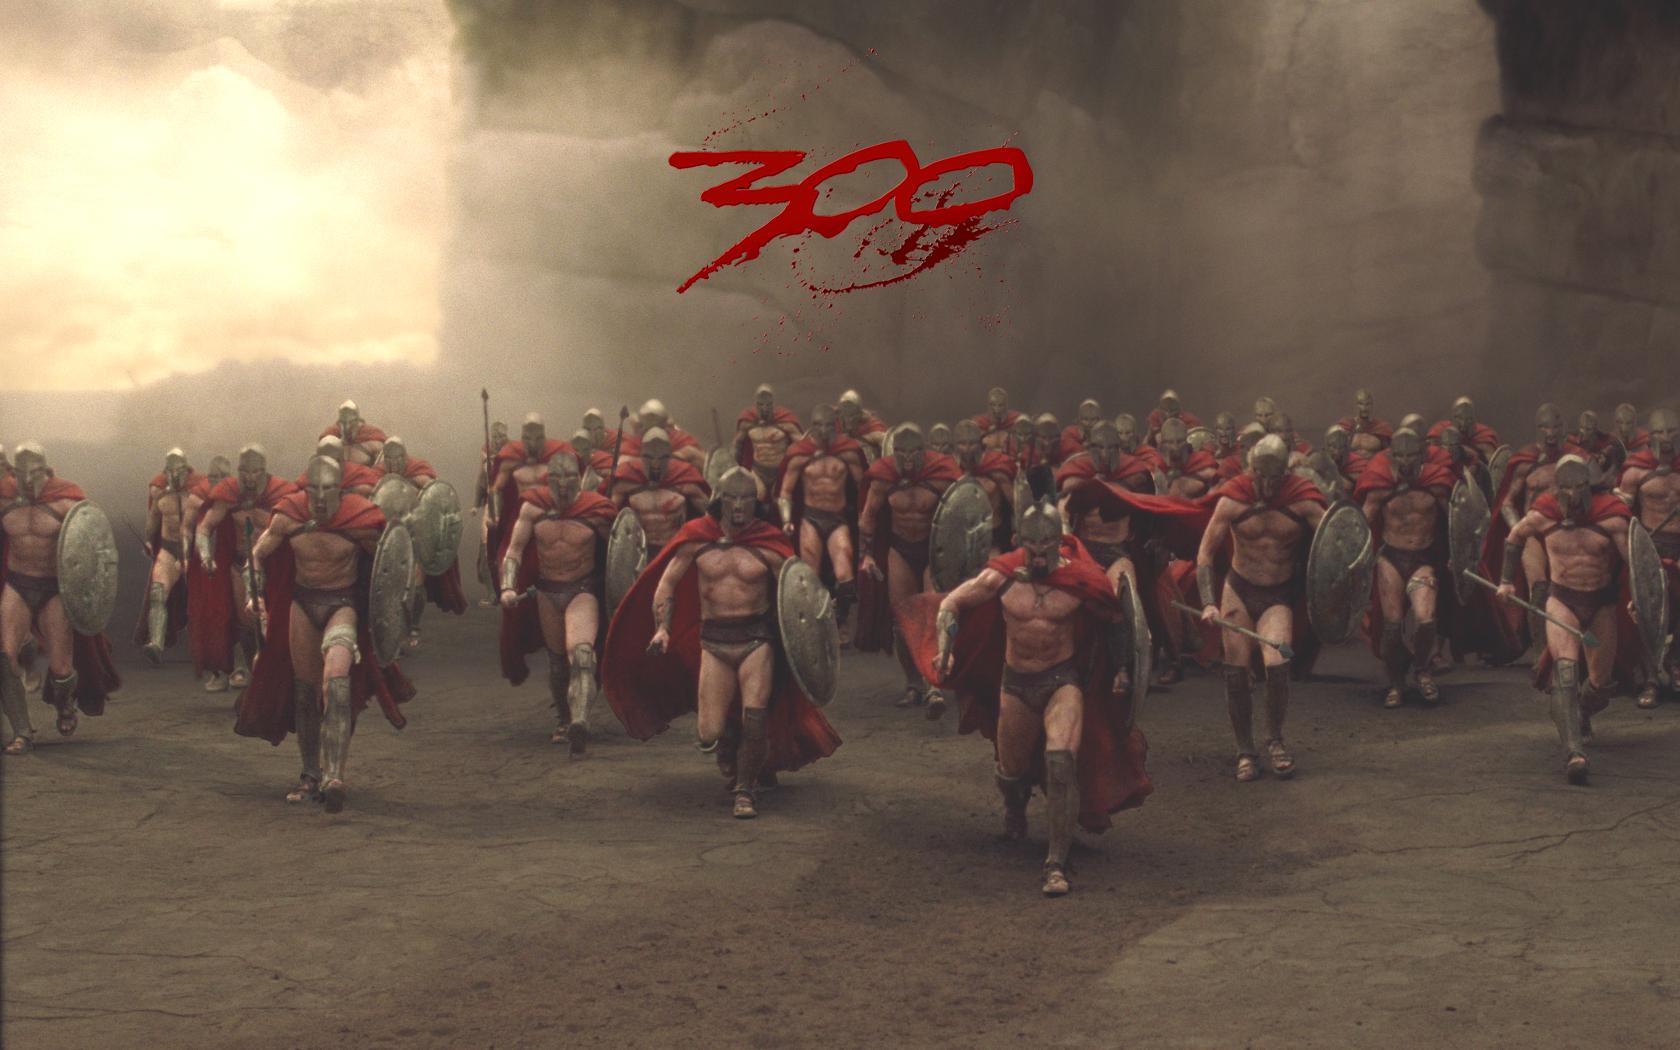 300: rise of an empire wallpaper hd